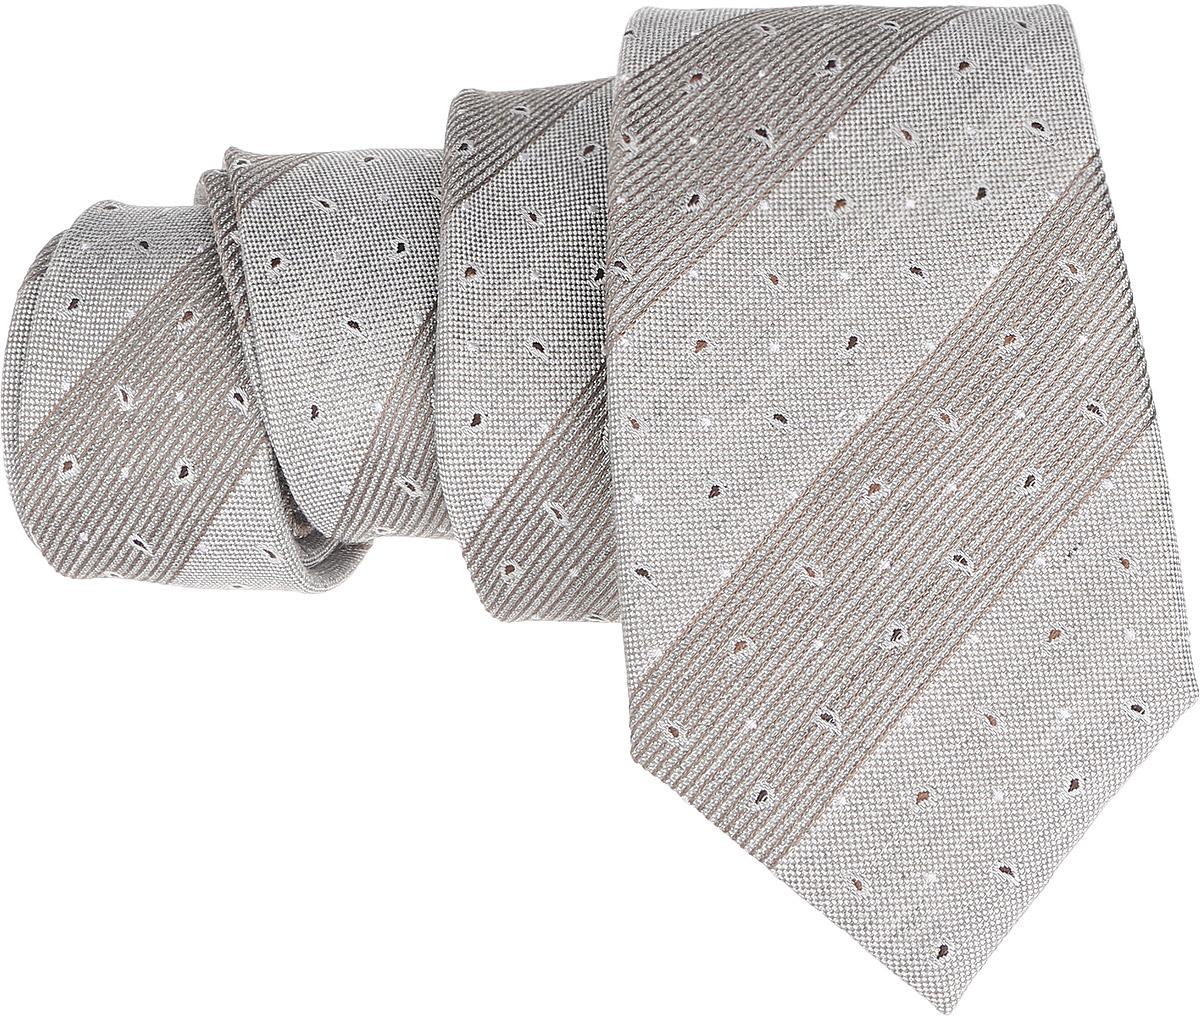 Галстук. 12.01548712.015487Стильный галстук BTC станет отличным завершающим штрихом вашего образа. Этот модный аксессуар порадует вас высоким качеством исполнения и современным дизайном. Изделие полностью выполнено из качественного шелка. Галстук оформлен оригинальным принтом. Такой оригинальный галстук подойдет как к повседневному, так и к официальному наряду, он позволит вам подчеркнуть свою индивидуальность и создать свой неповторимый стиль.